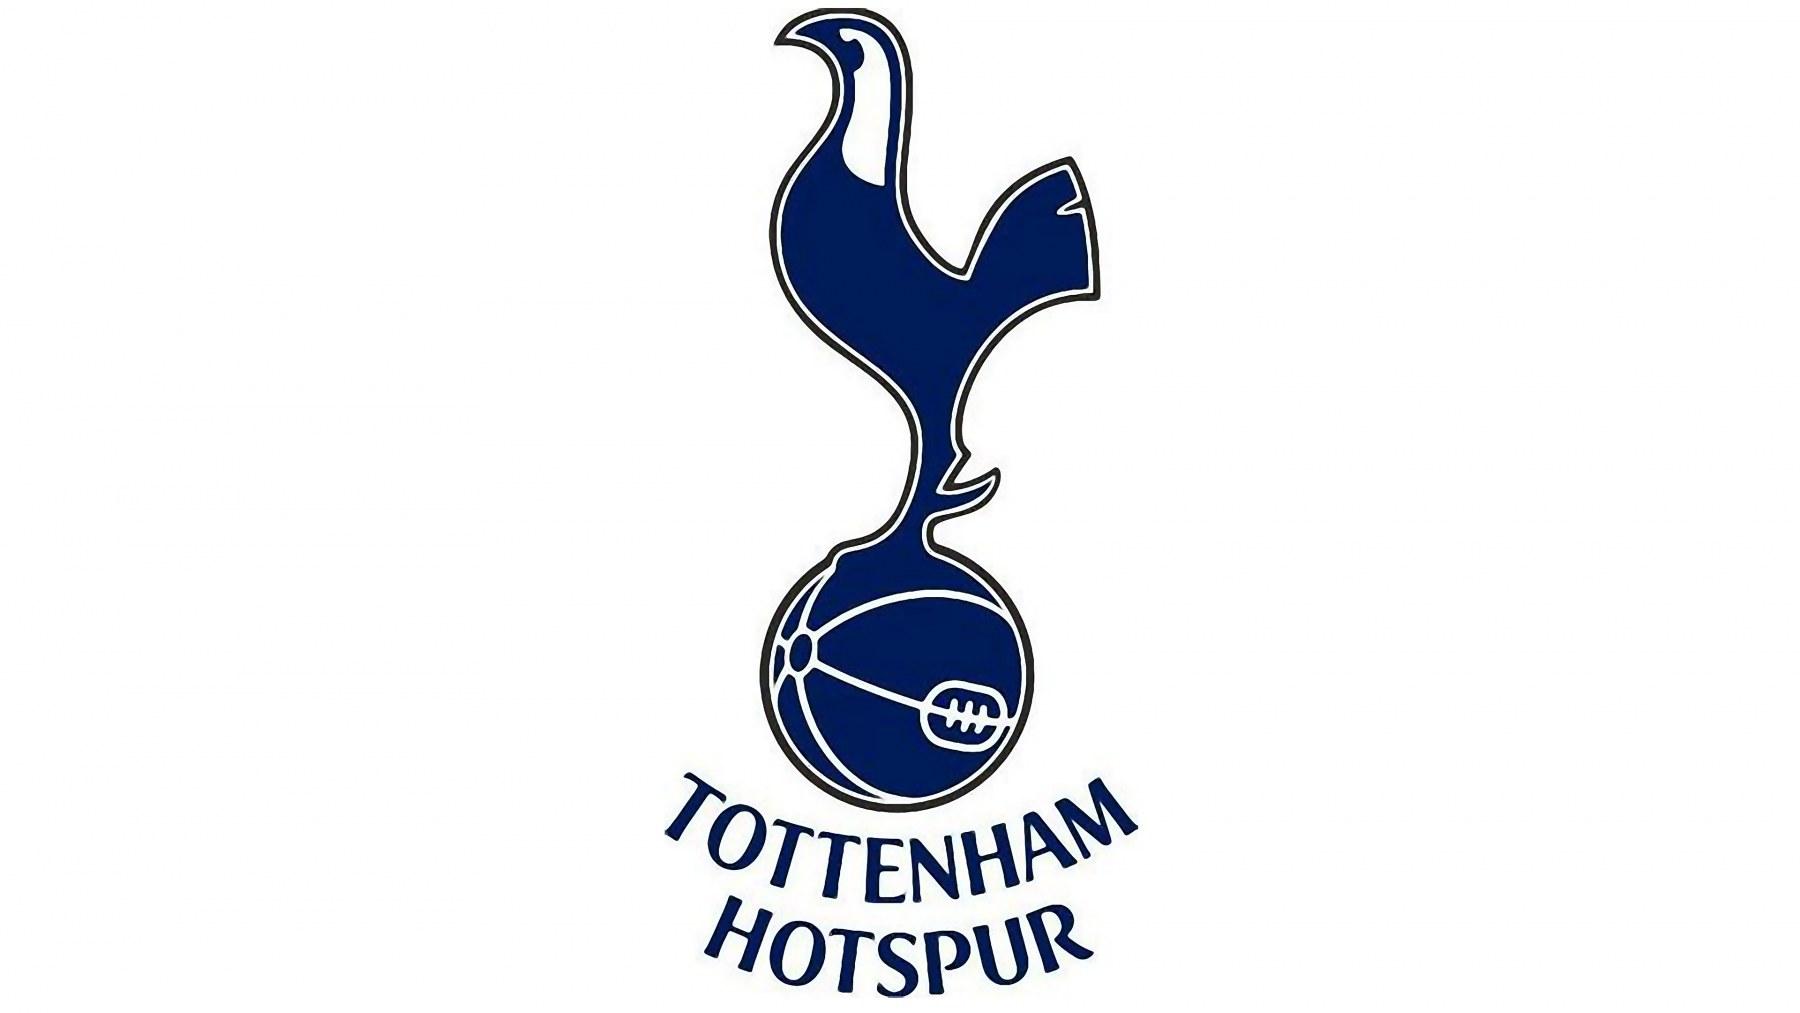 3pip work at Tottenham Hotspur